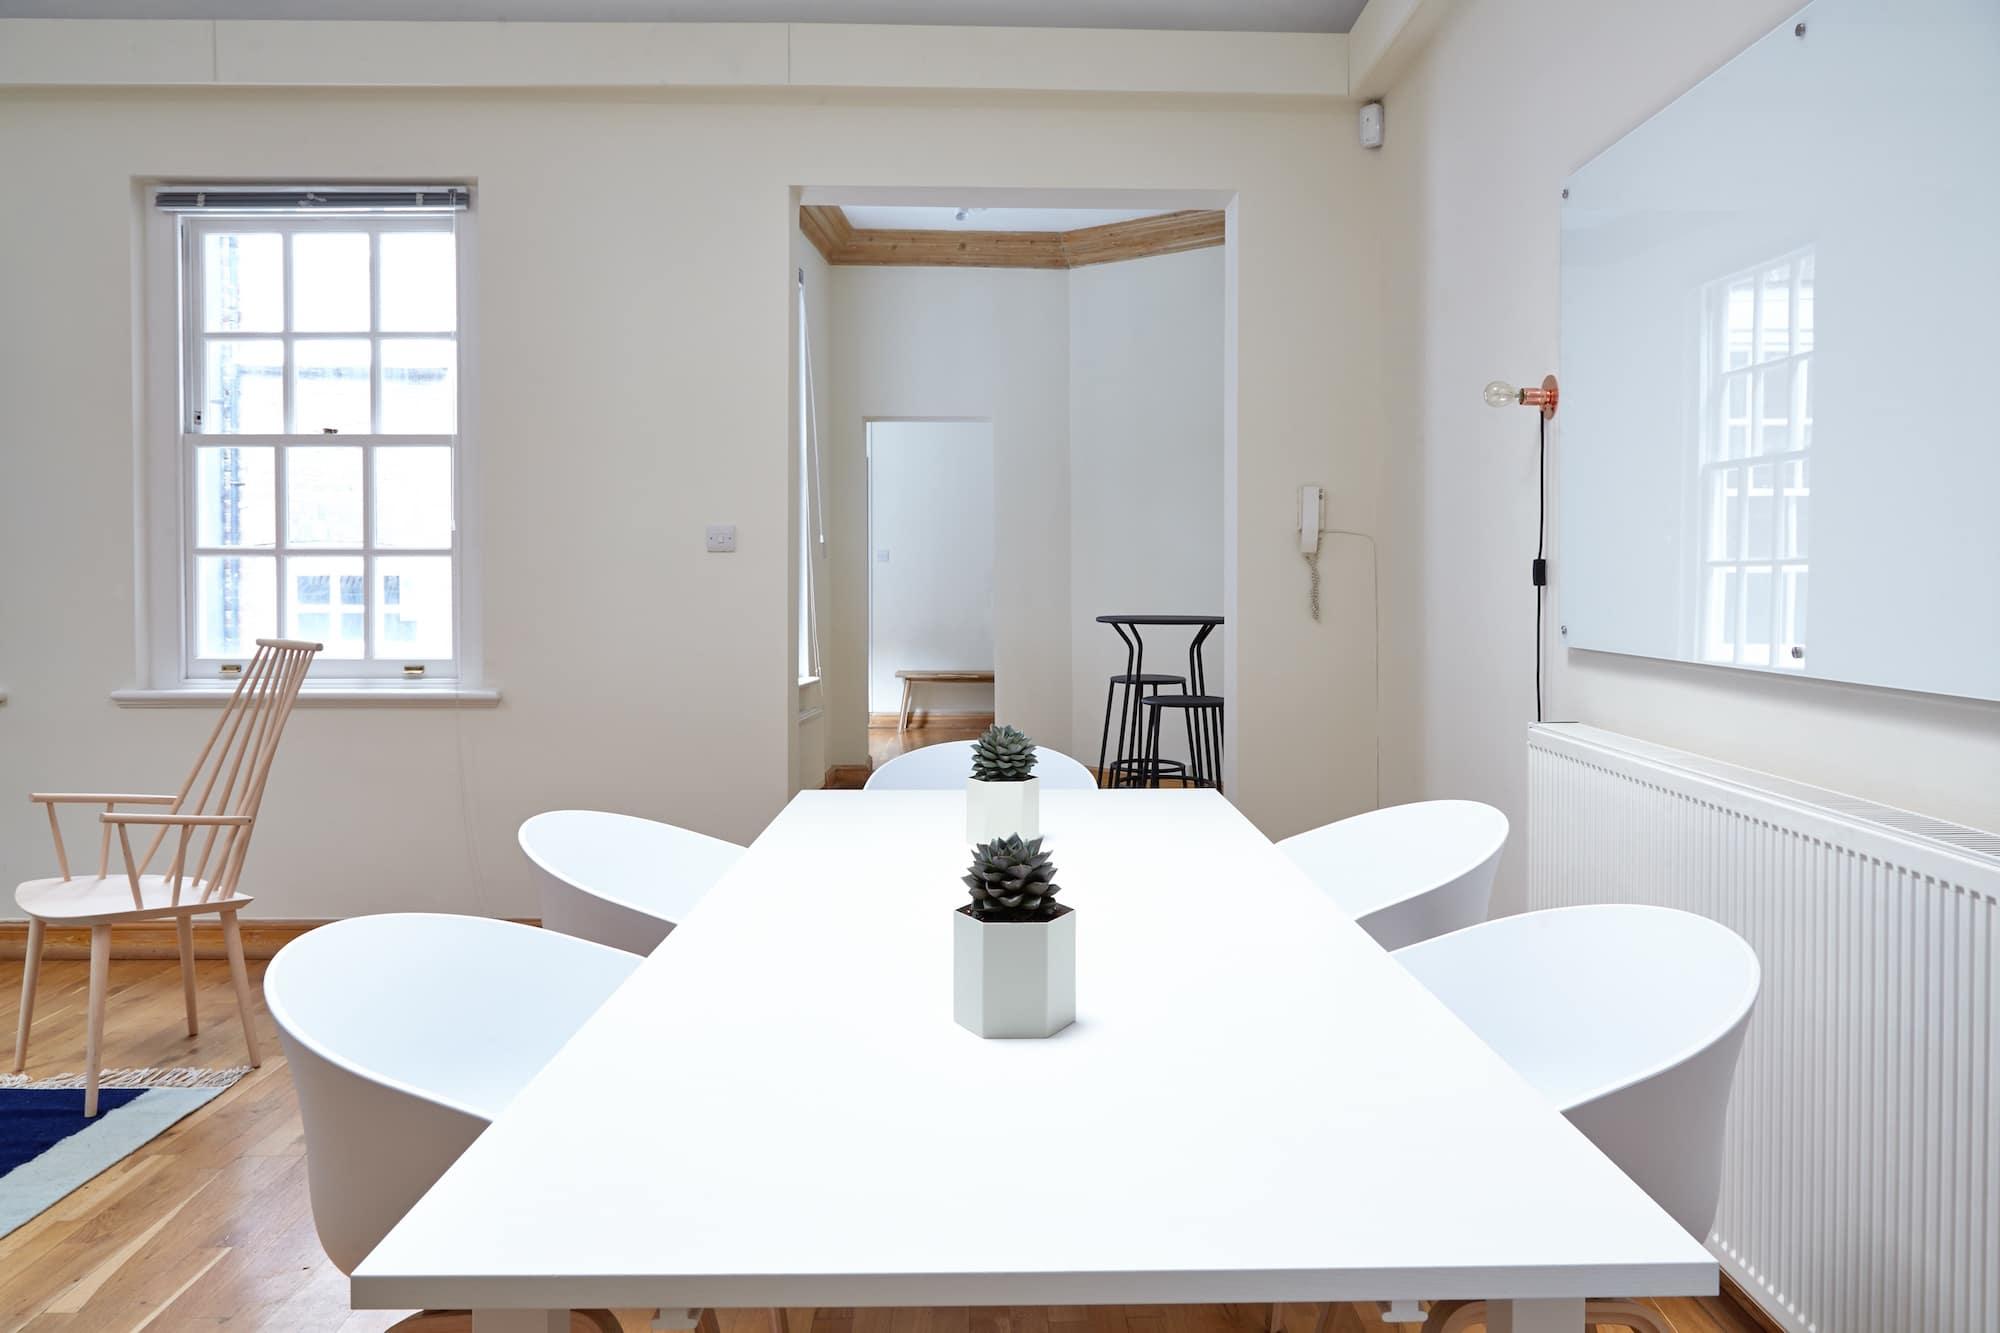 L Architecture D Intérieur les missions d'un architecte d'intérieur avec archireport - archireport